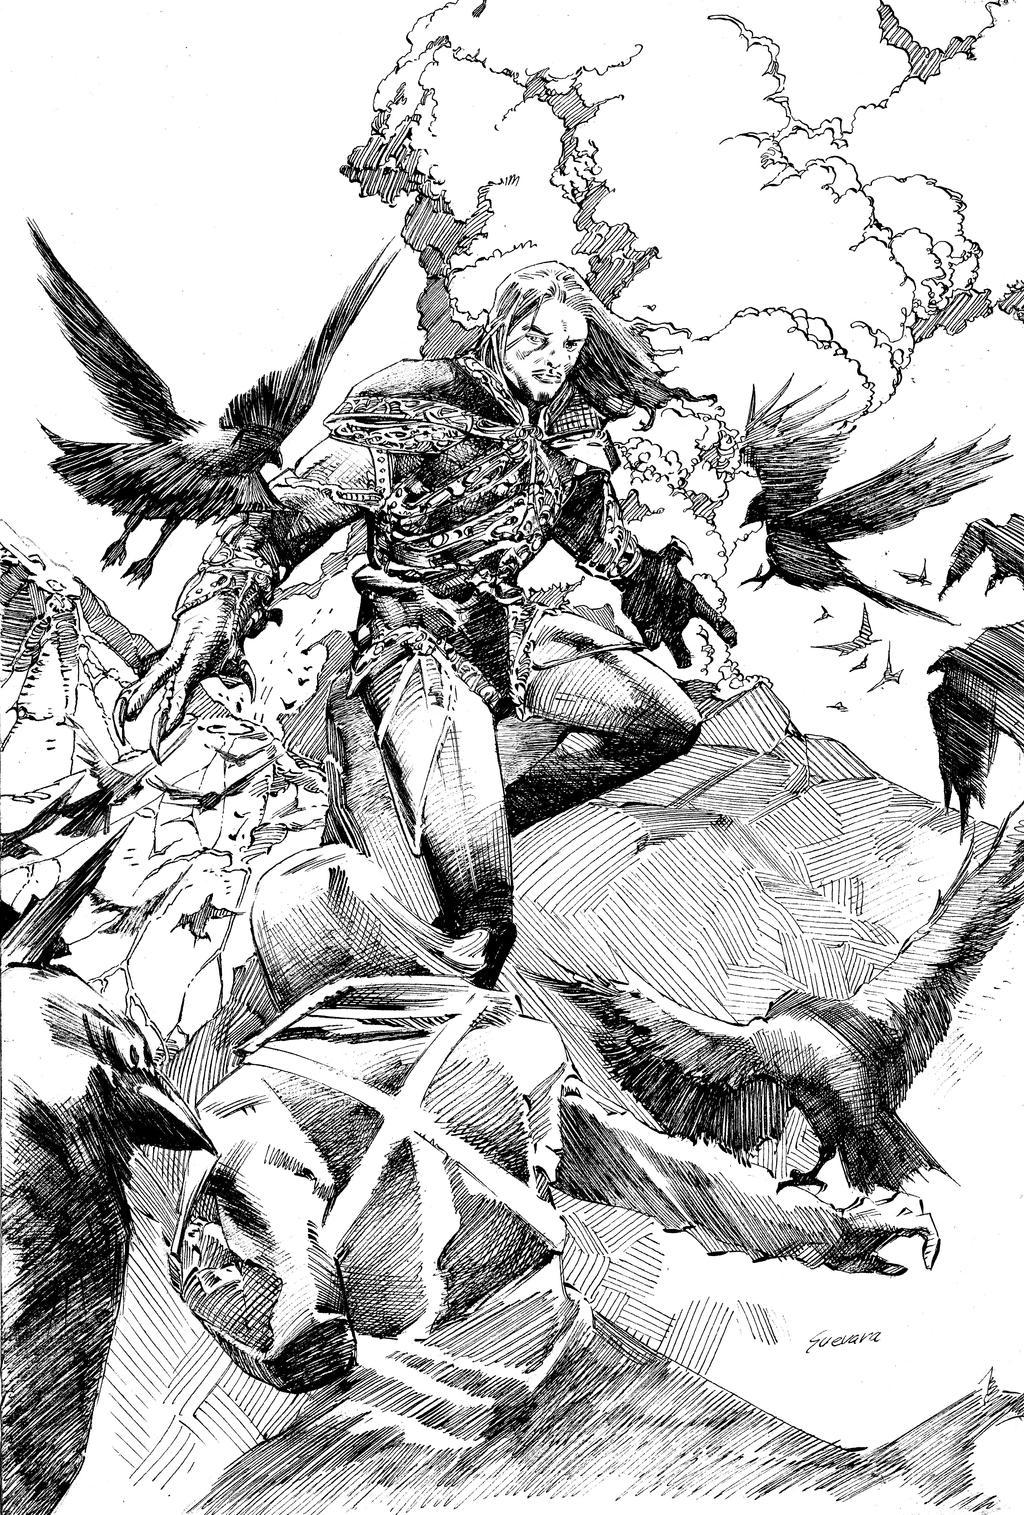 Exterus by MGuevara